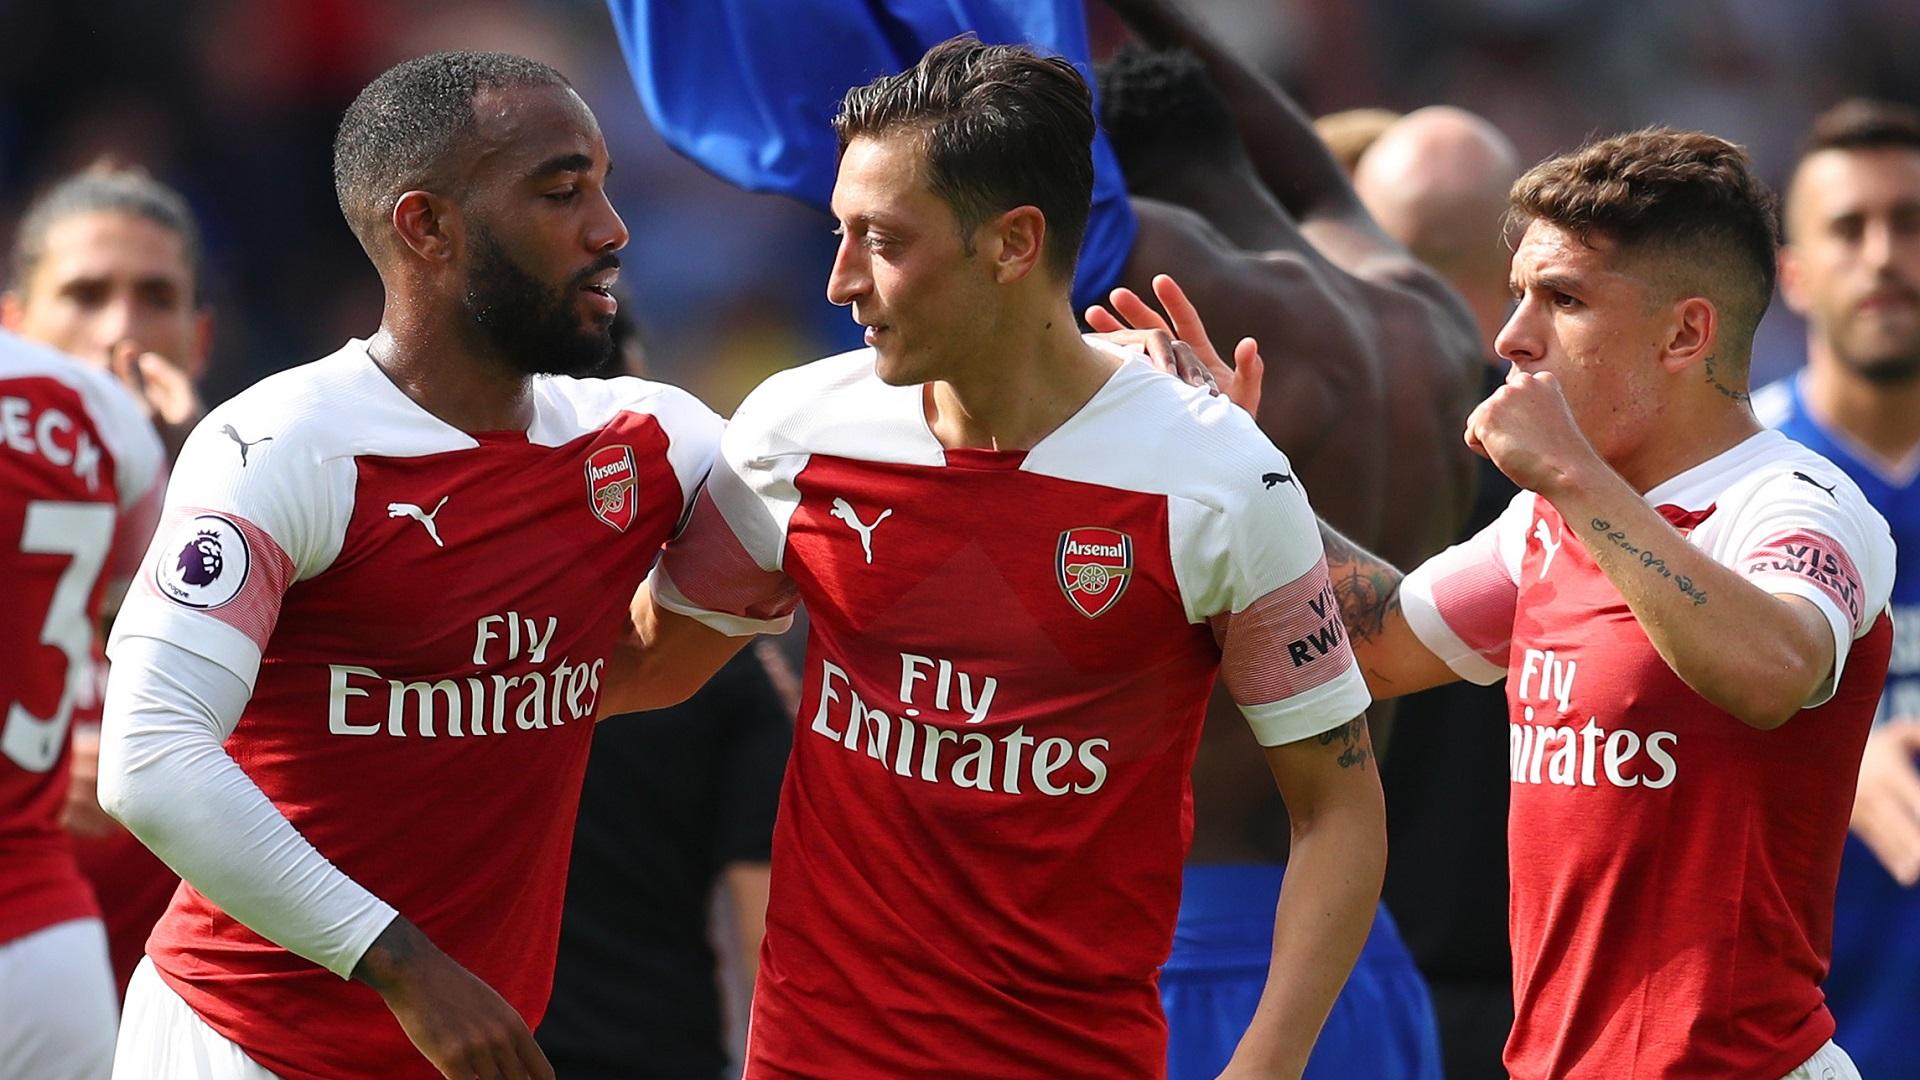 Mùa này, Arsenal đứng thứ 6 đã là... thành công - Bóng Đá